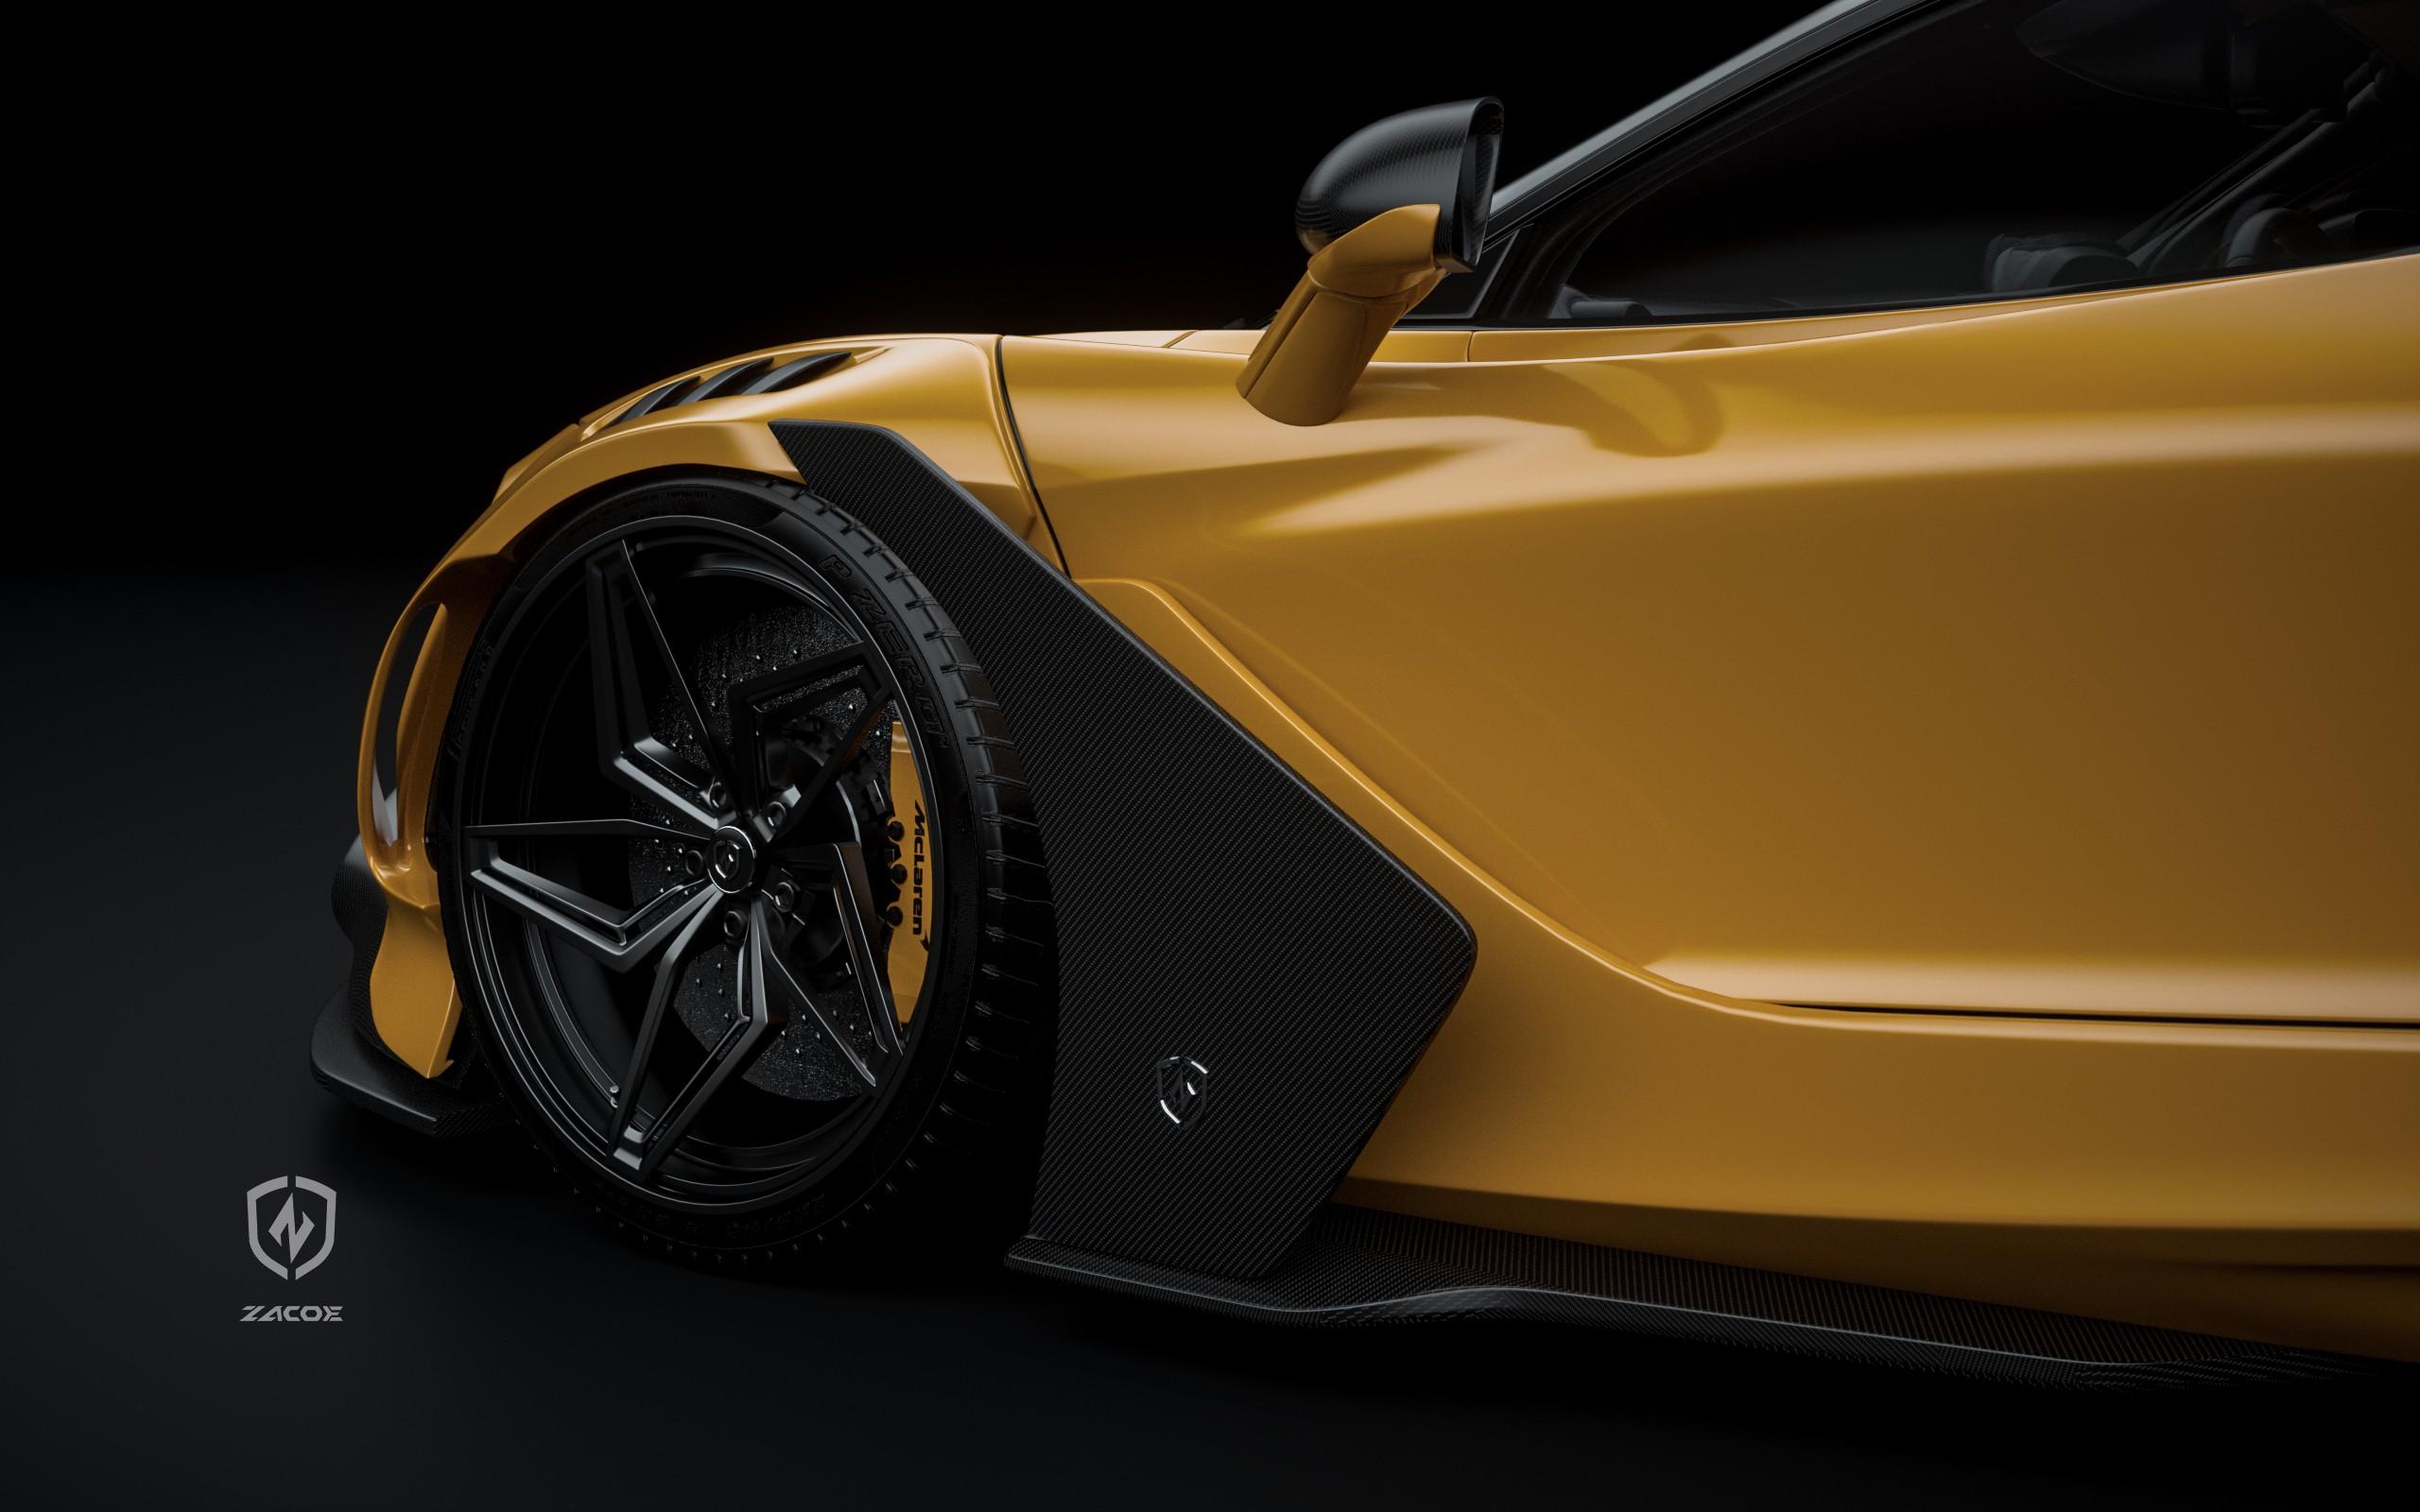 McLaren-720S-by-Zacoe-12